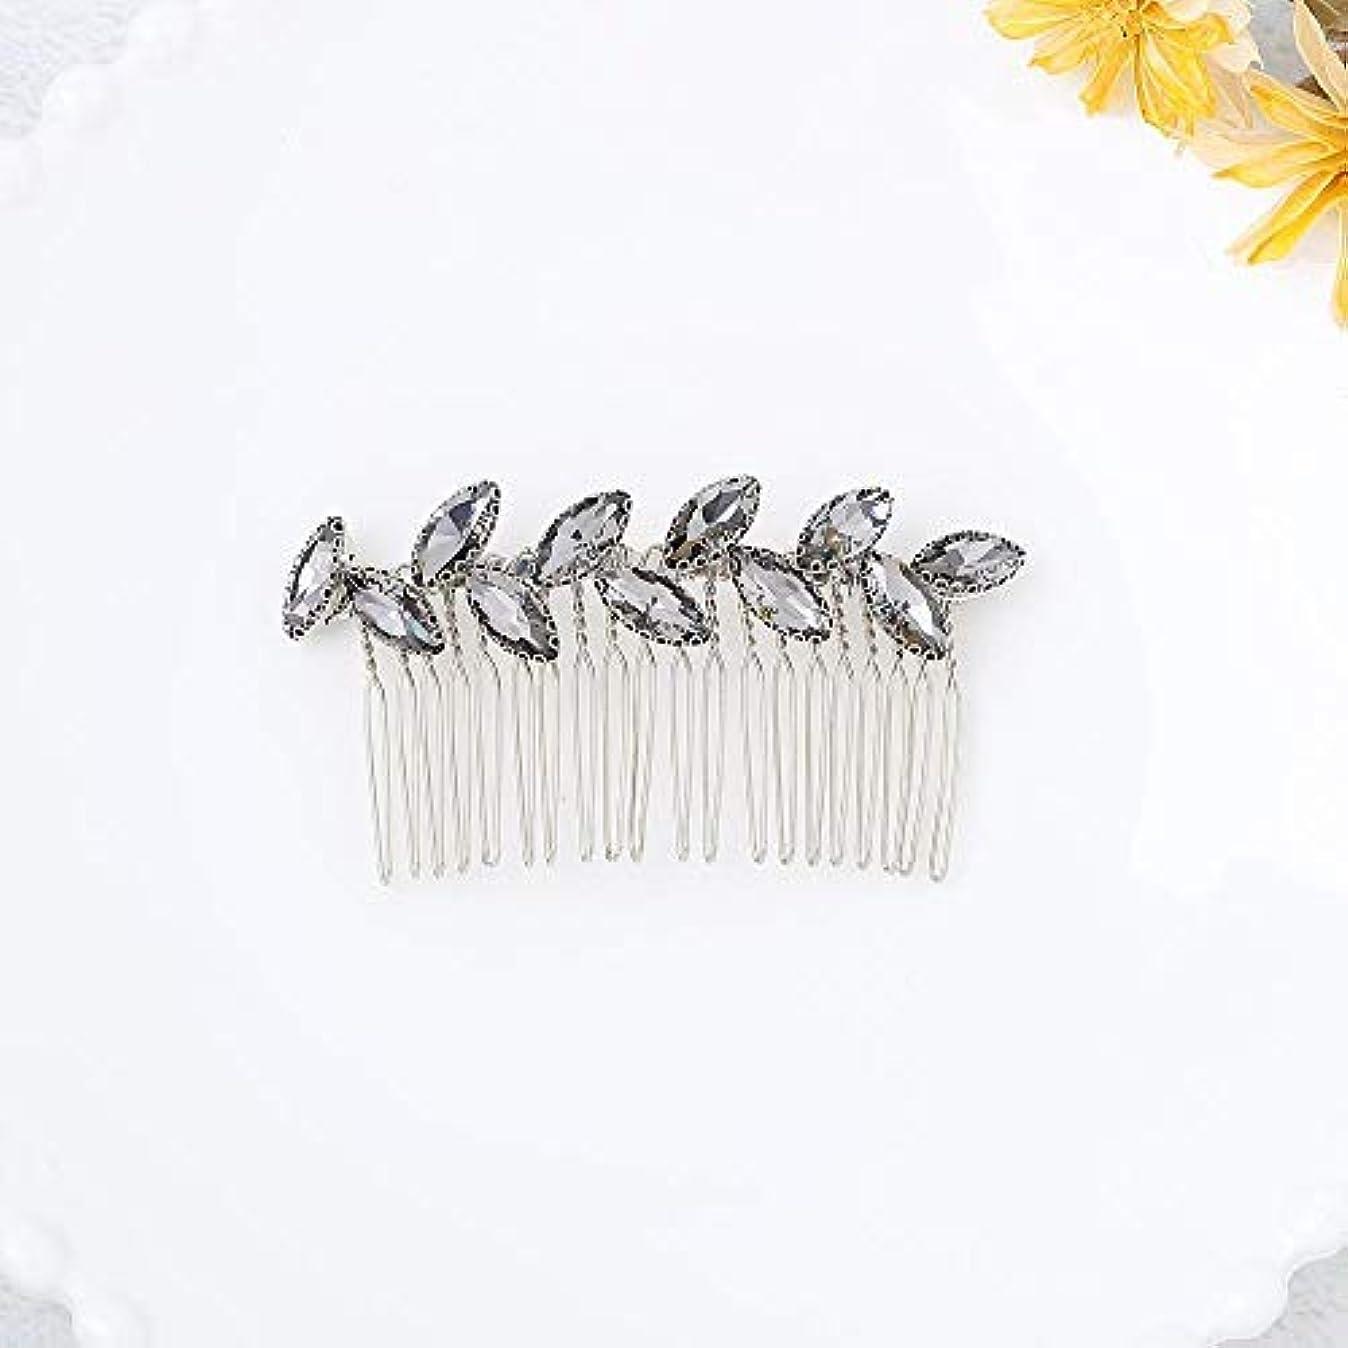 イソギンチャク疑いしたがってJovono Bride Wedding Hair Comb Bridal Headpieces with Rhinestone for Women and Girls (Silver) [並行輸入品]